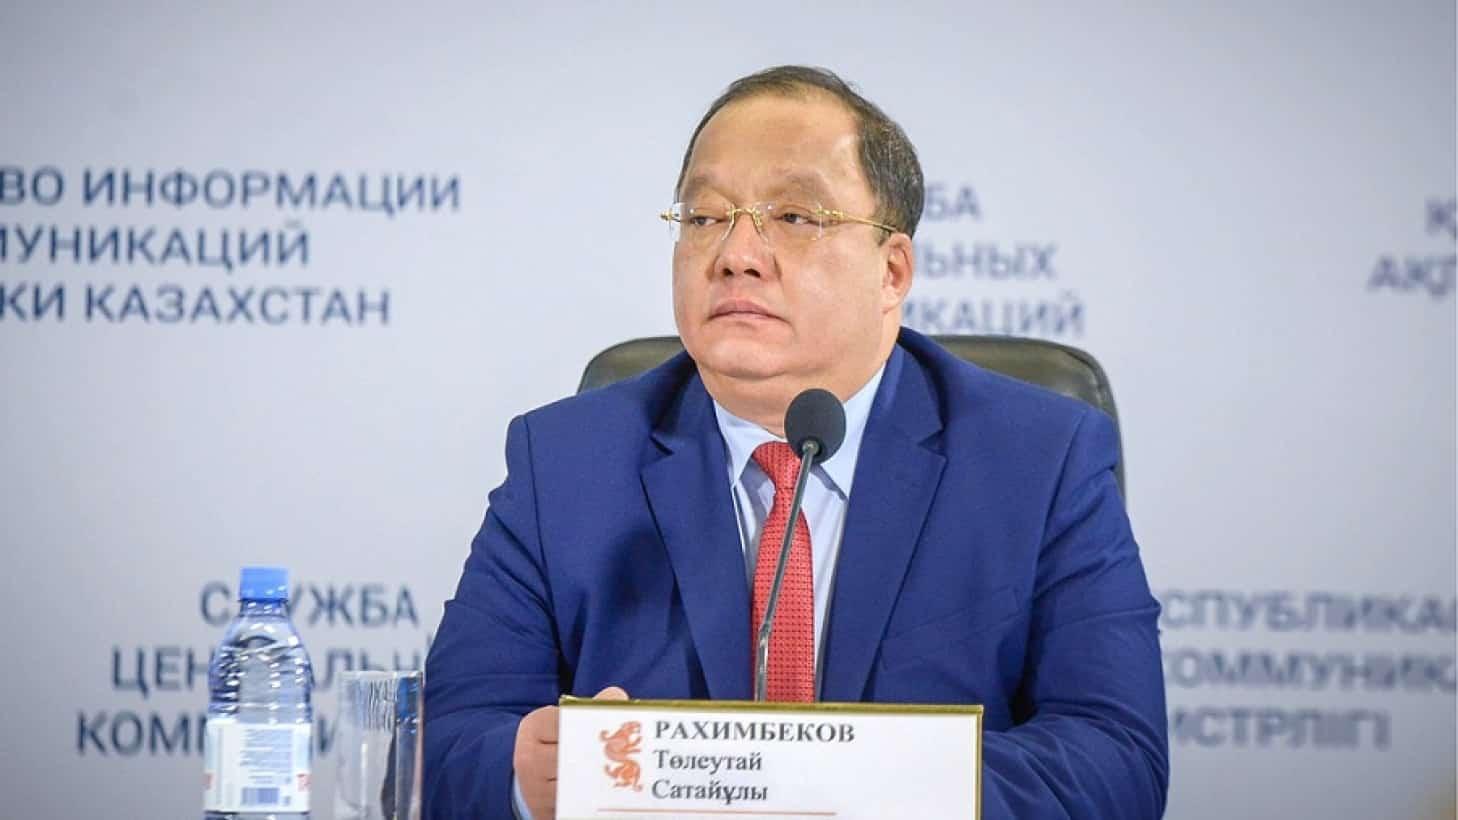 Төлеутай Рахымбеков